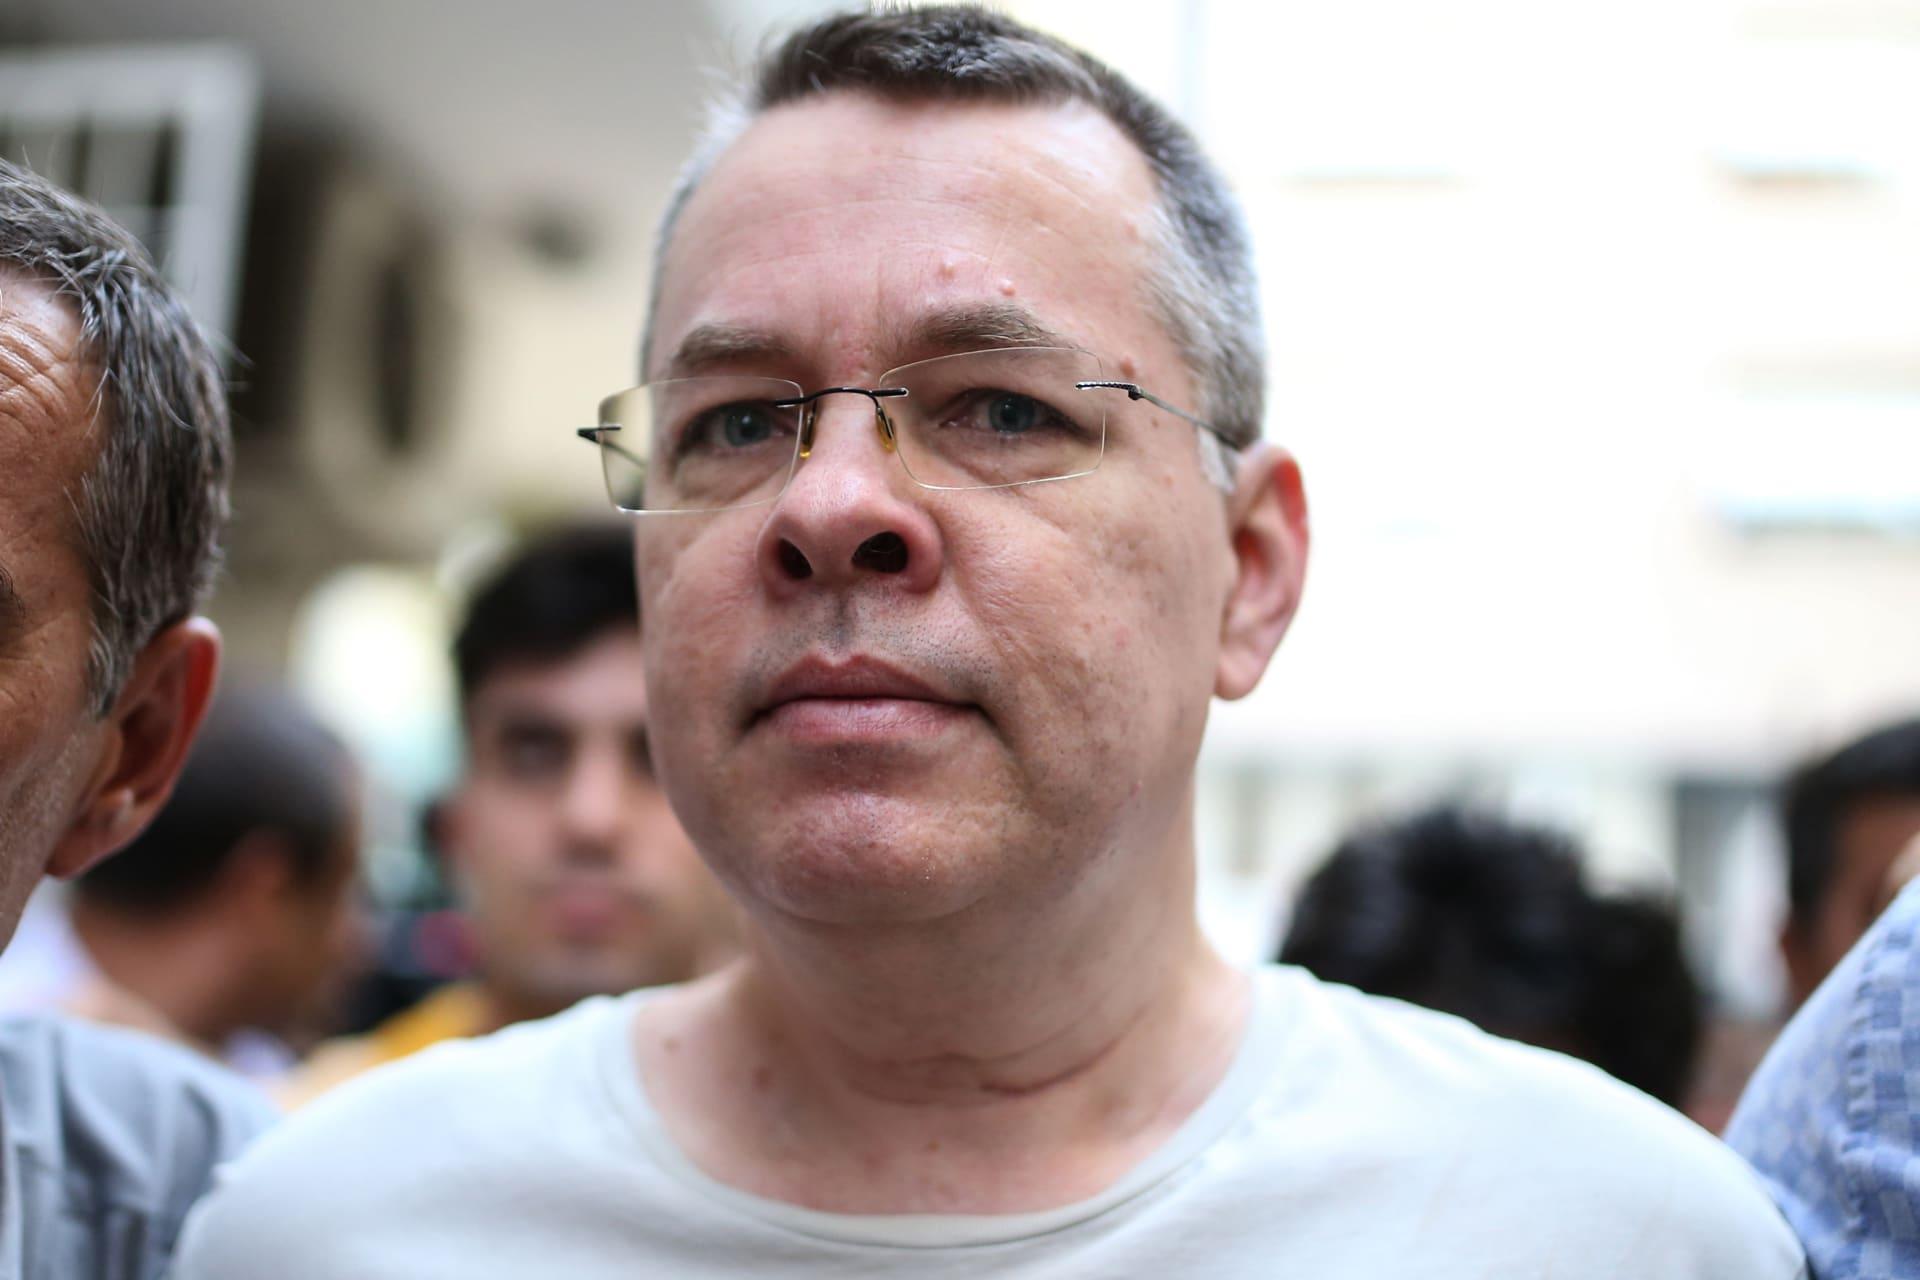 وزير العدل التركي: العقوبات الأمريكية بلا قيمة وإطلاق سراح القس ليس نتيجة لضغوط